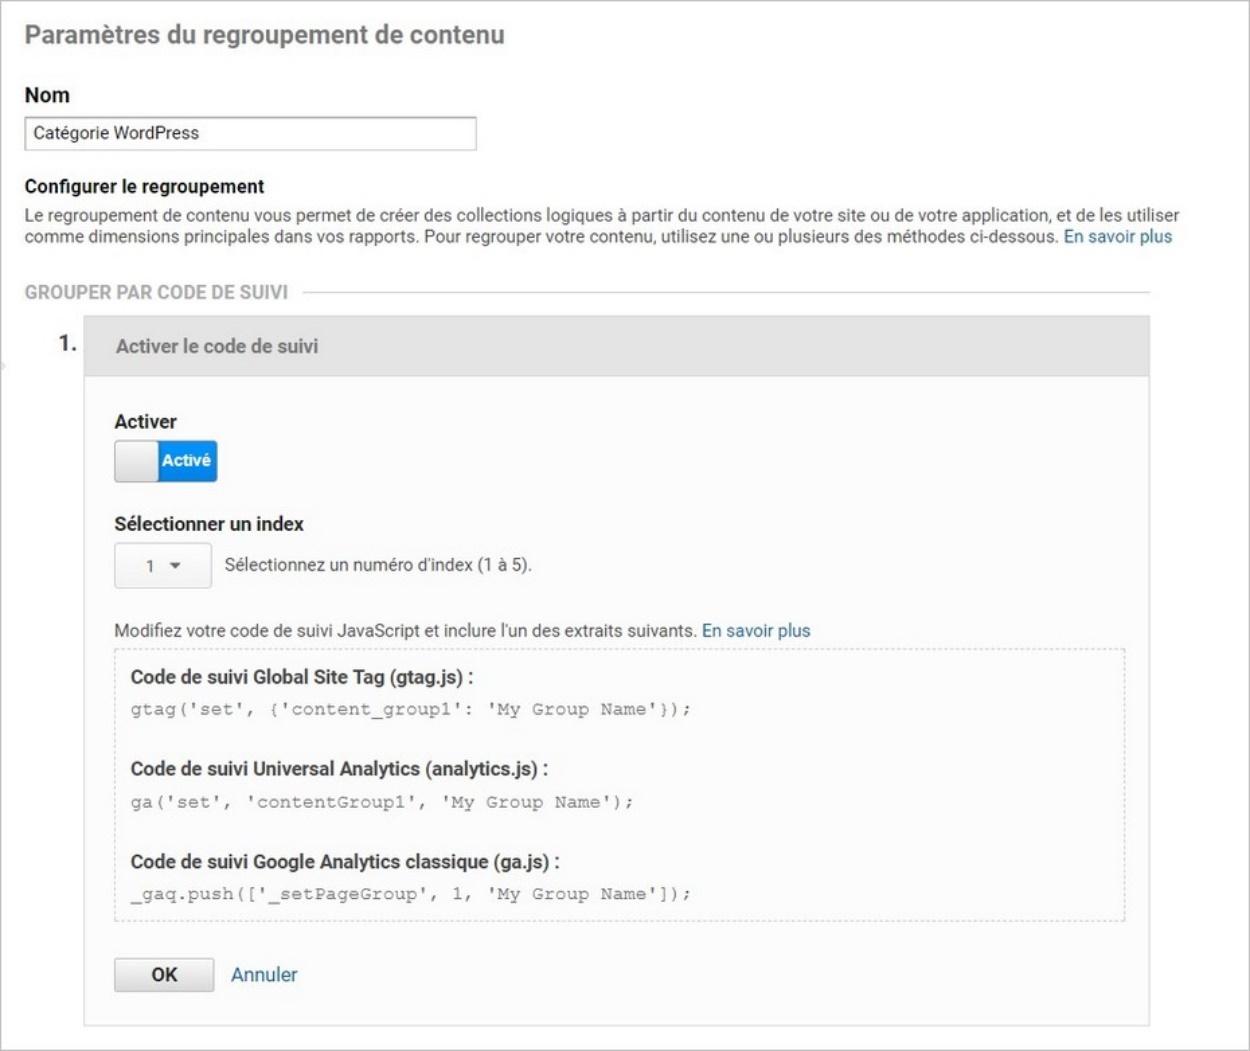 Regroupement de contenu sur Analytics